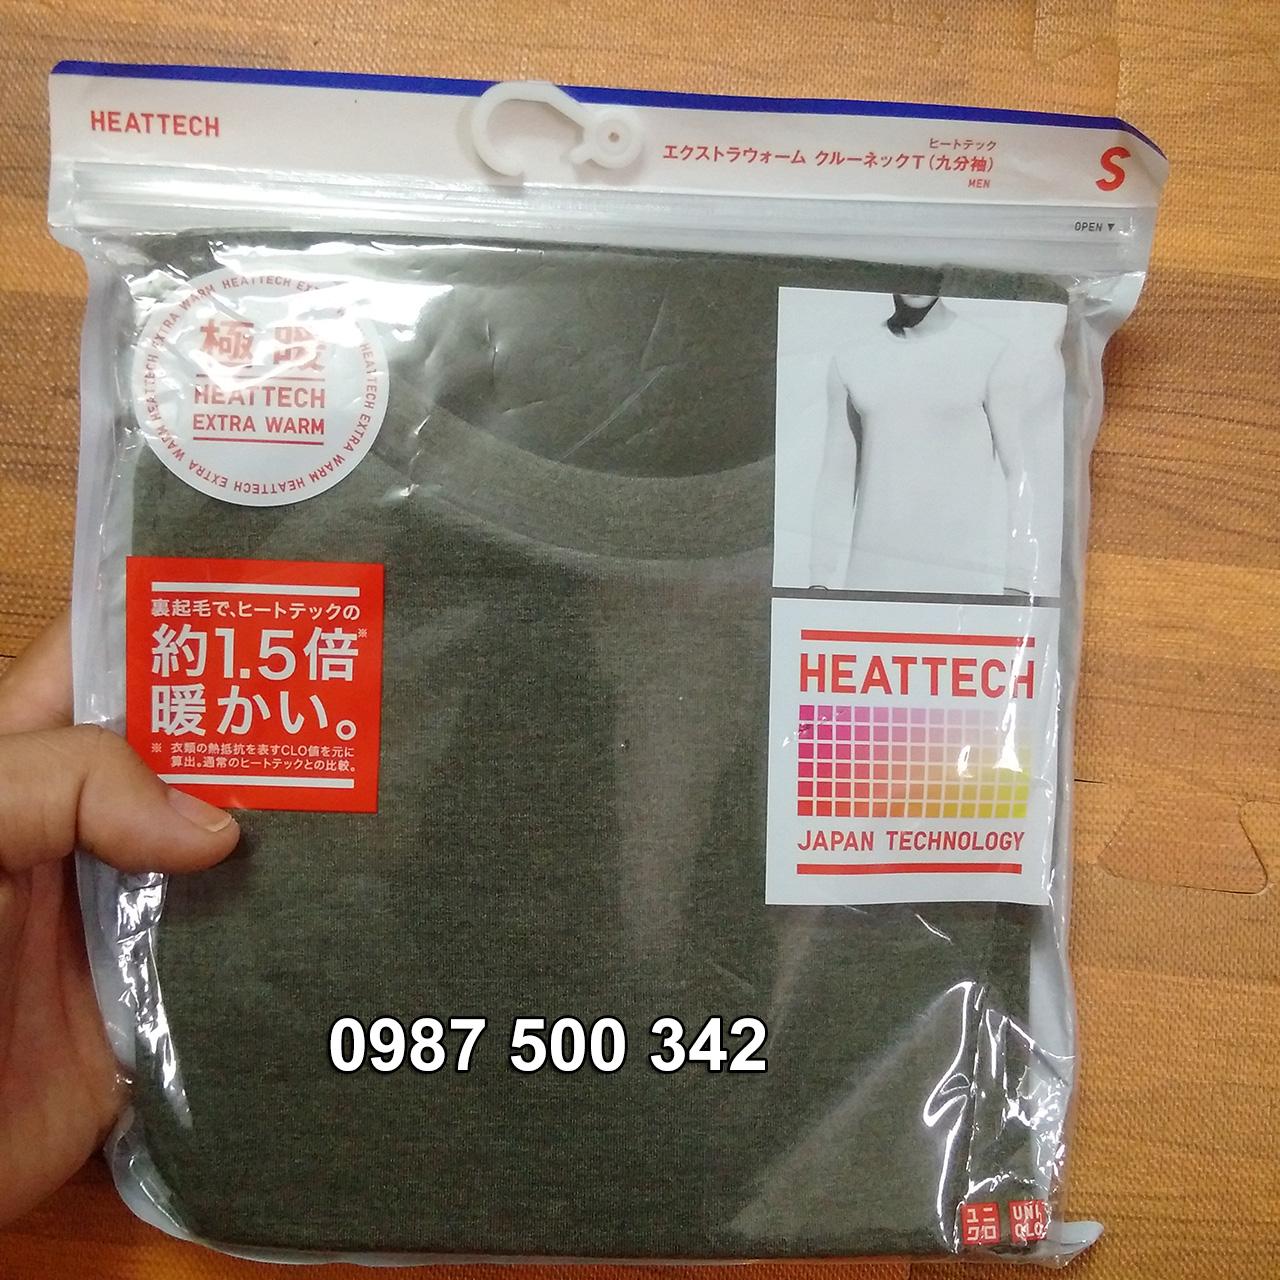 Ảnh thật áo giữ nhiệt nam cổ tròn Heattech Extra Warm màu xanh rêu 57 Olive